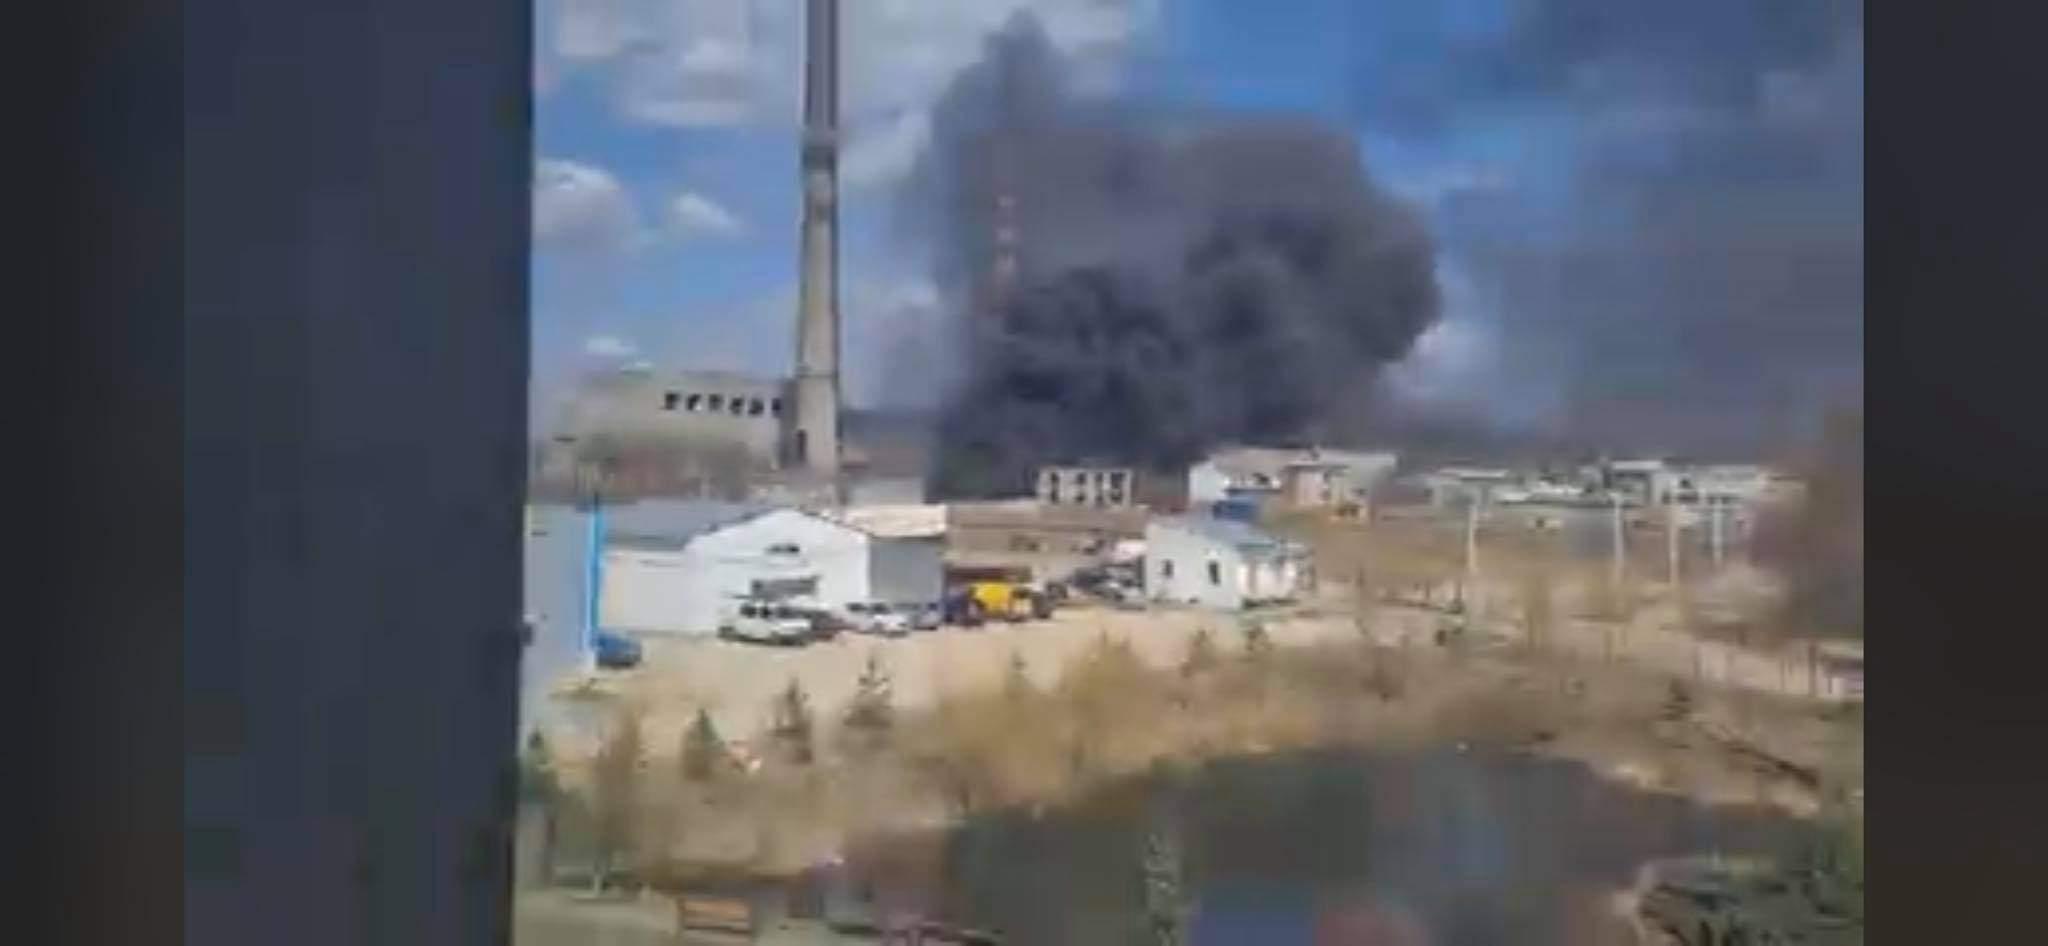 Величезні хмари чорного диму: у Львові трапилась масштабна пожежа – фото і відео